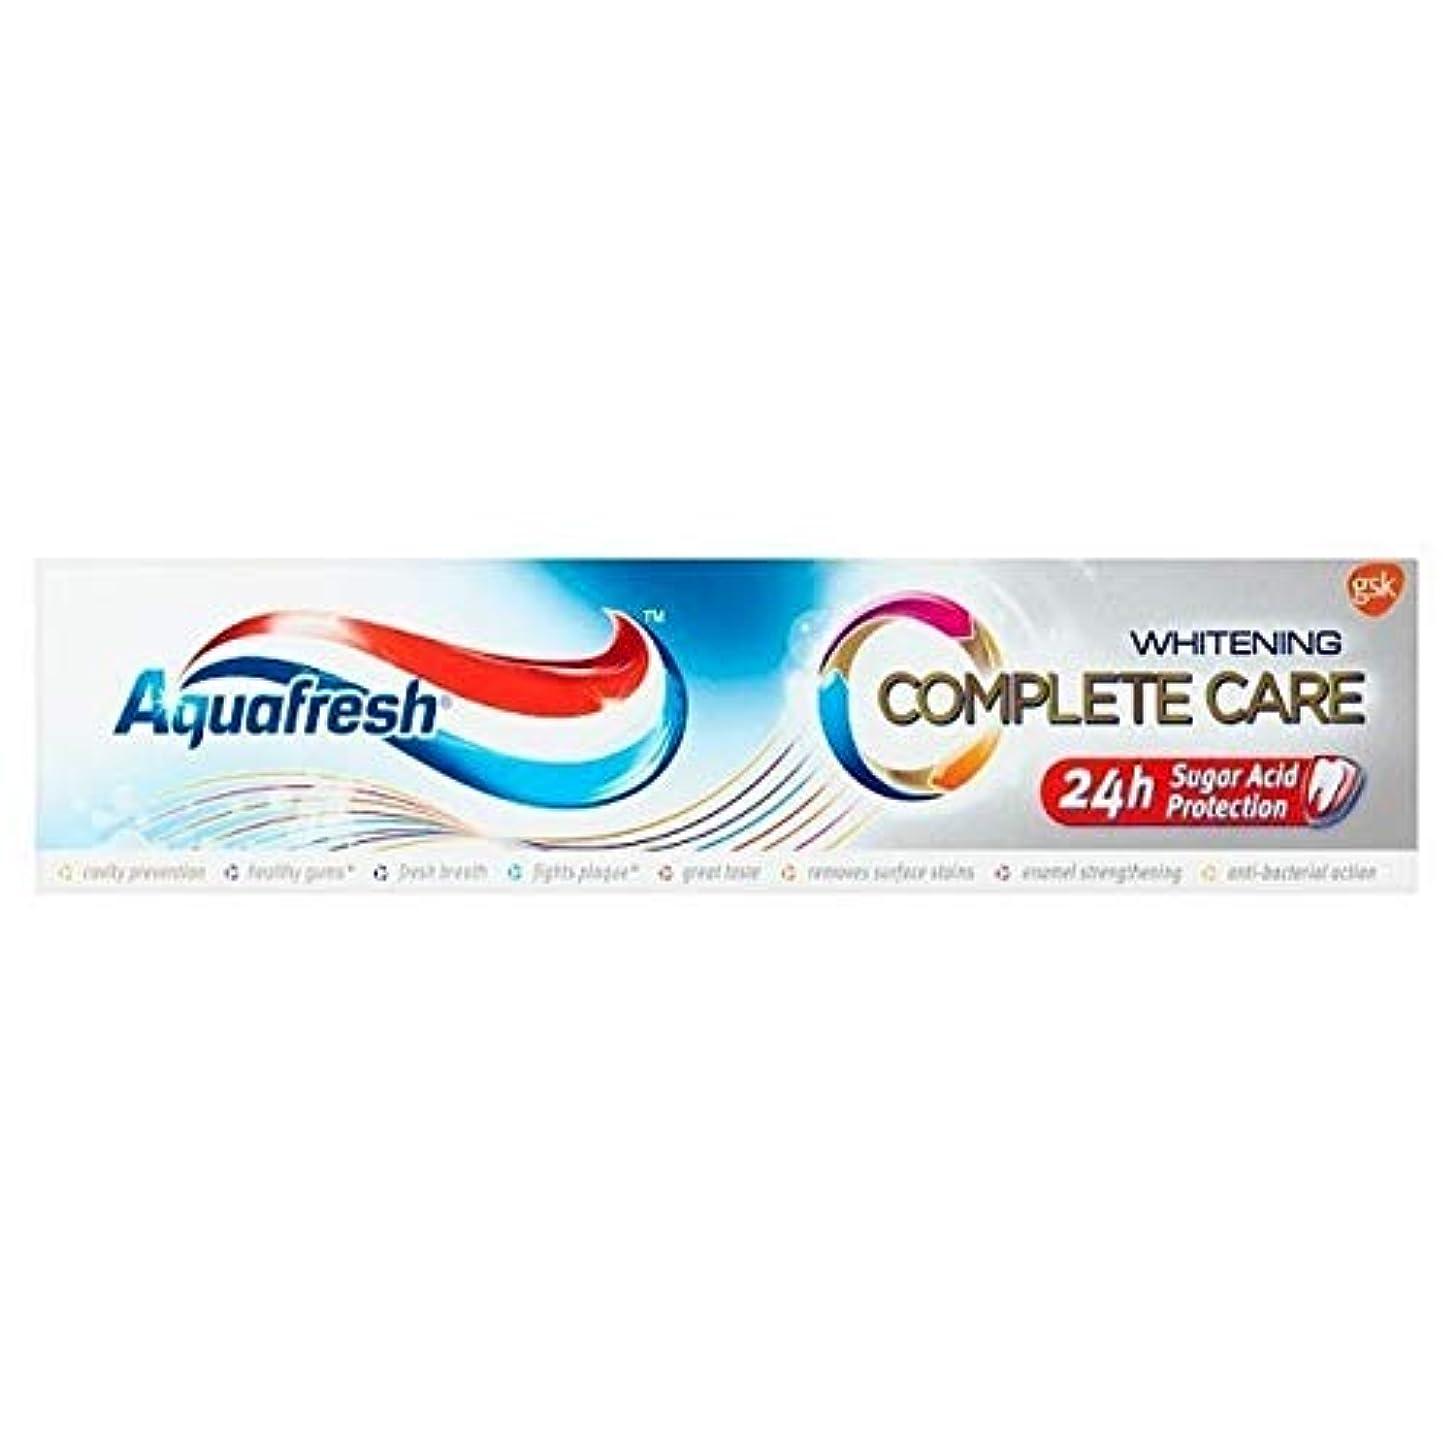 パイロットテロリストフルーティー[Aquafresh ] アクアフレッシュ完全なケア美白100ミリリットル - Aquafresh Complete Care Whitening 100ml [並行輸入品]